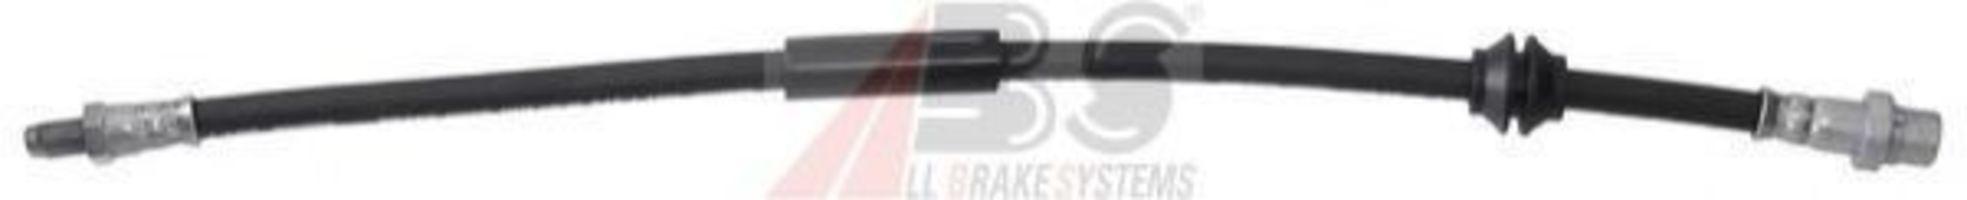 Шланг тормозной A.B.S. SL 5840